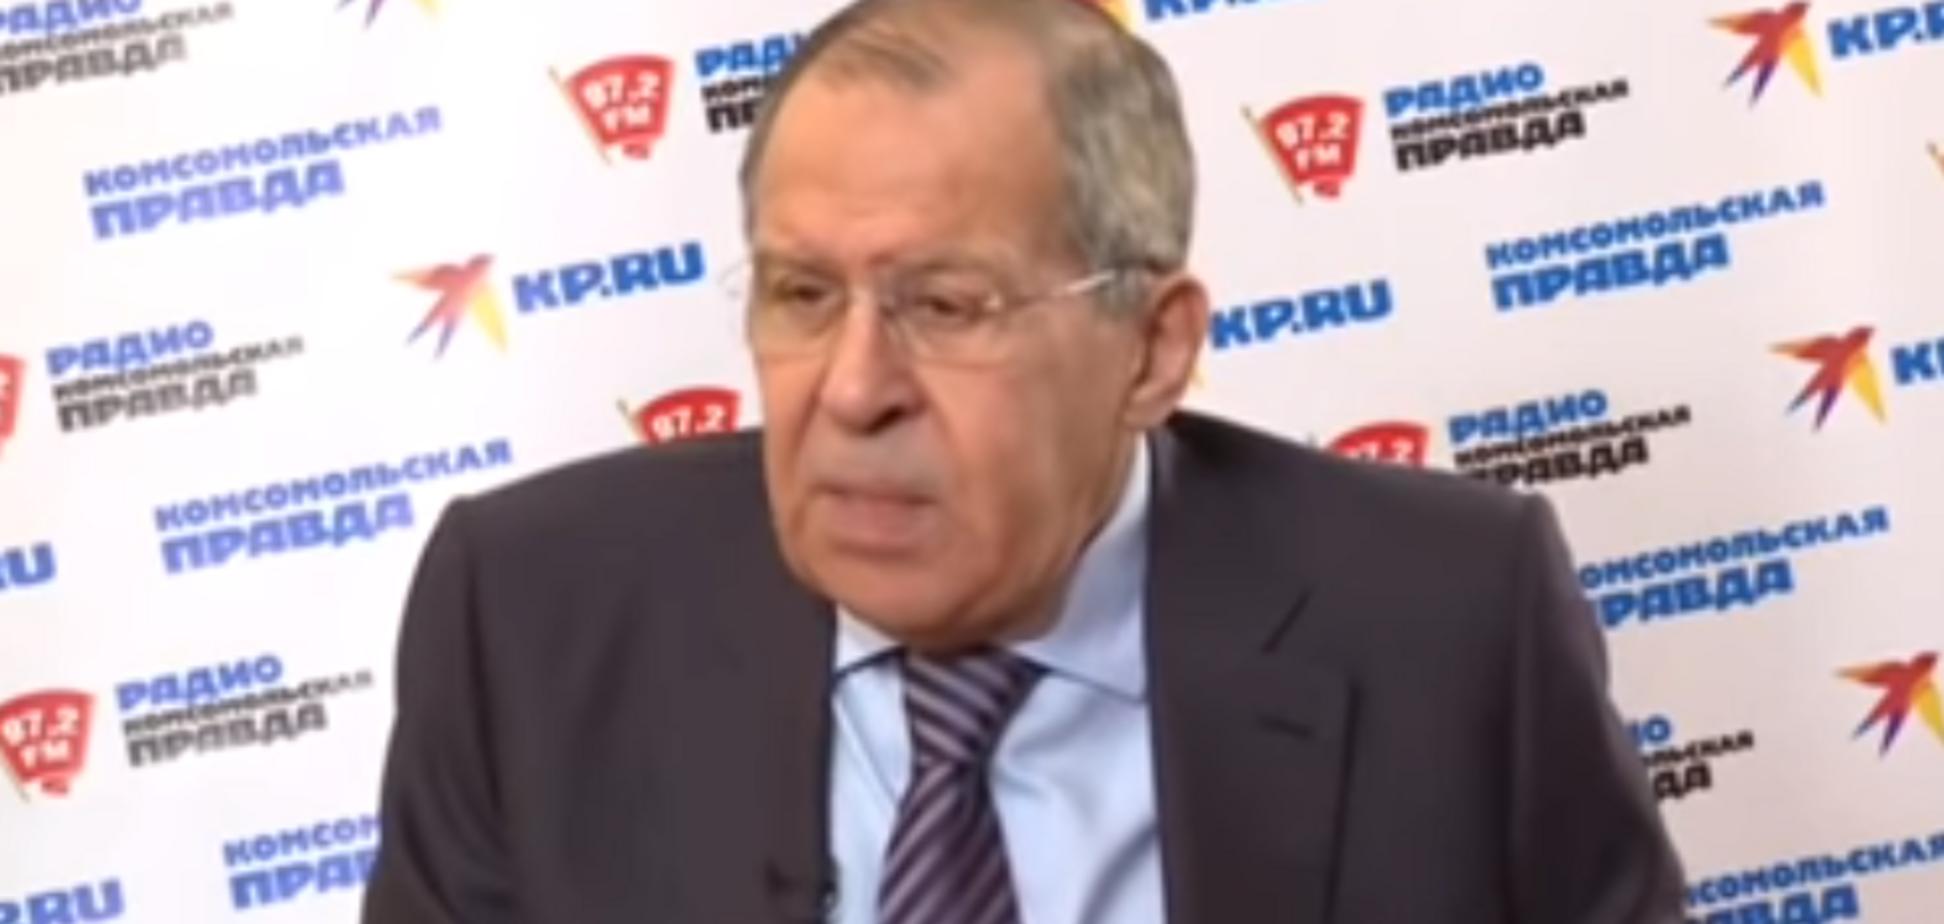 Угроза войной, ''ихтамнет'' и ''нацисты'': что наговорил Лавров об Украине в скандальном интервью